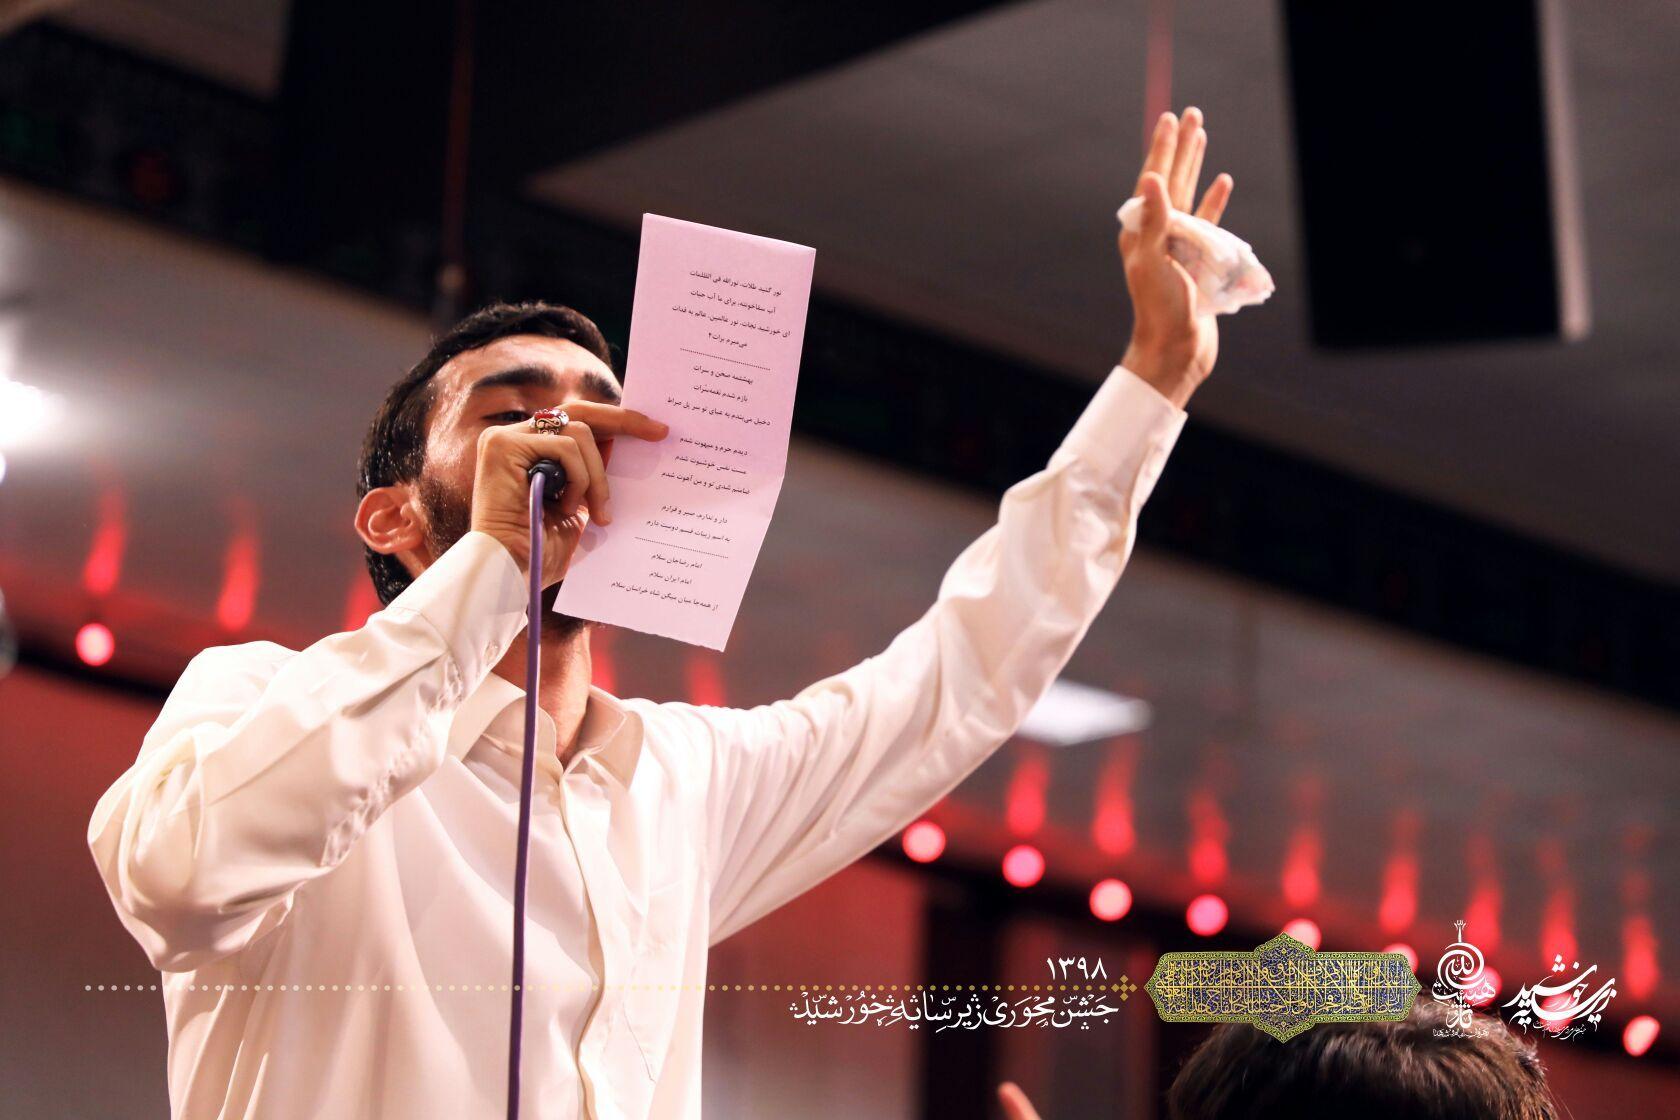 نور گنبد طلات نورالله - سرود